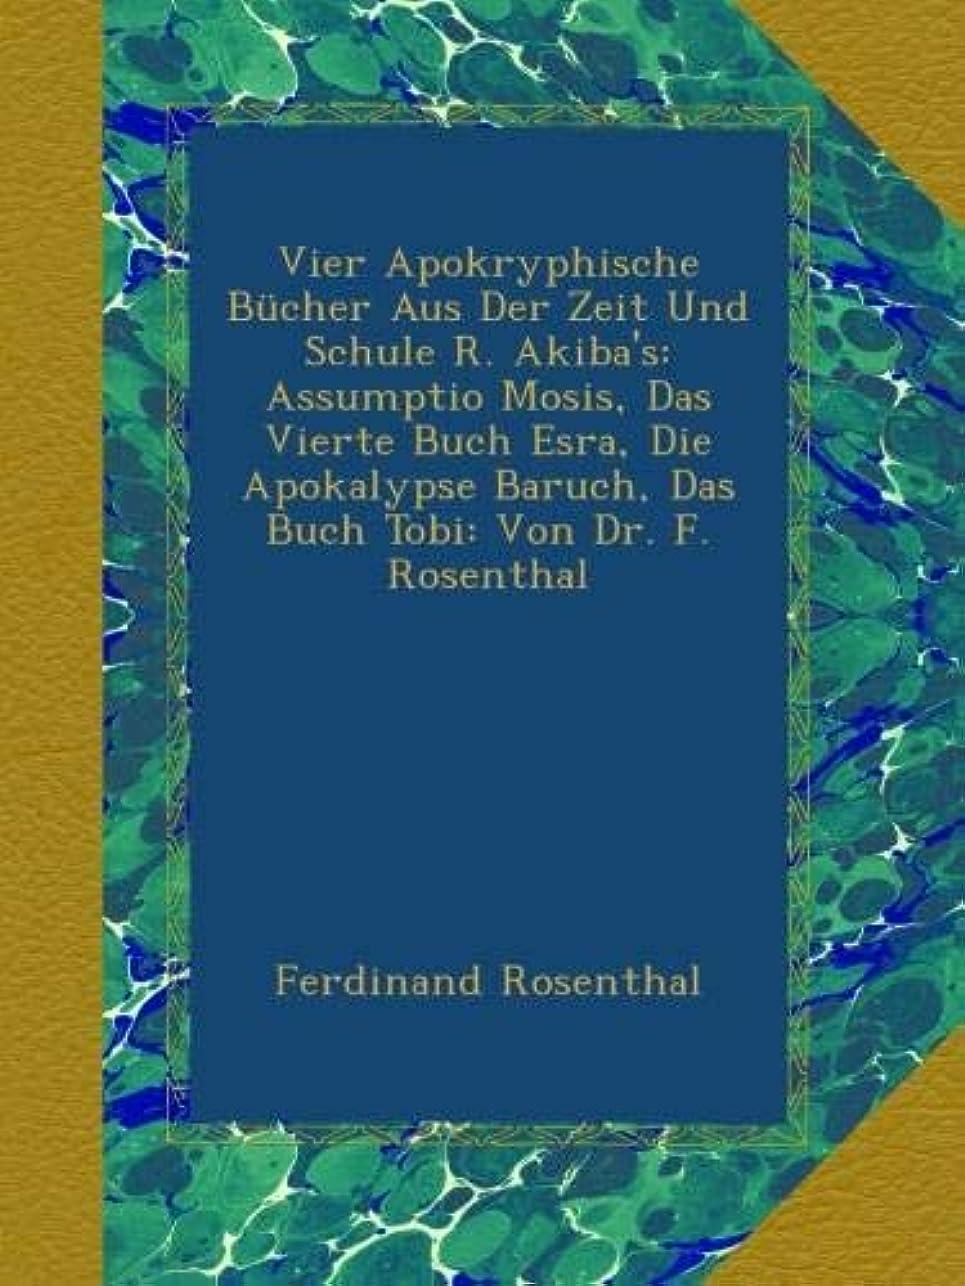 ショート病院うるさいVier Apokryphische Buecher Aus Der Zeit Und Schule R. Akiba's: Assumptio Mosis, Das Vierte Buch Esra, Die Apokalypse Baruch, Das Buch Tobi: Von Dr. F. Rosenthal